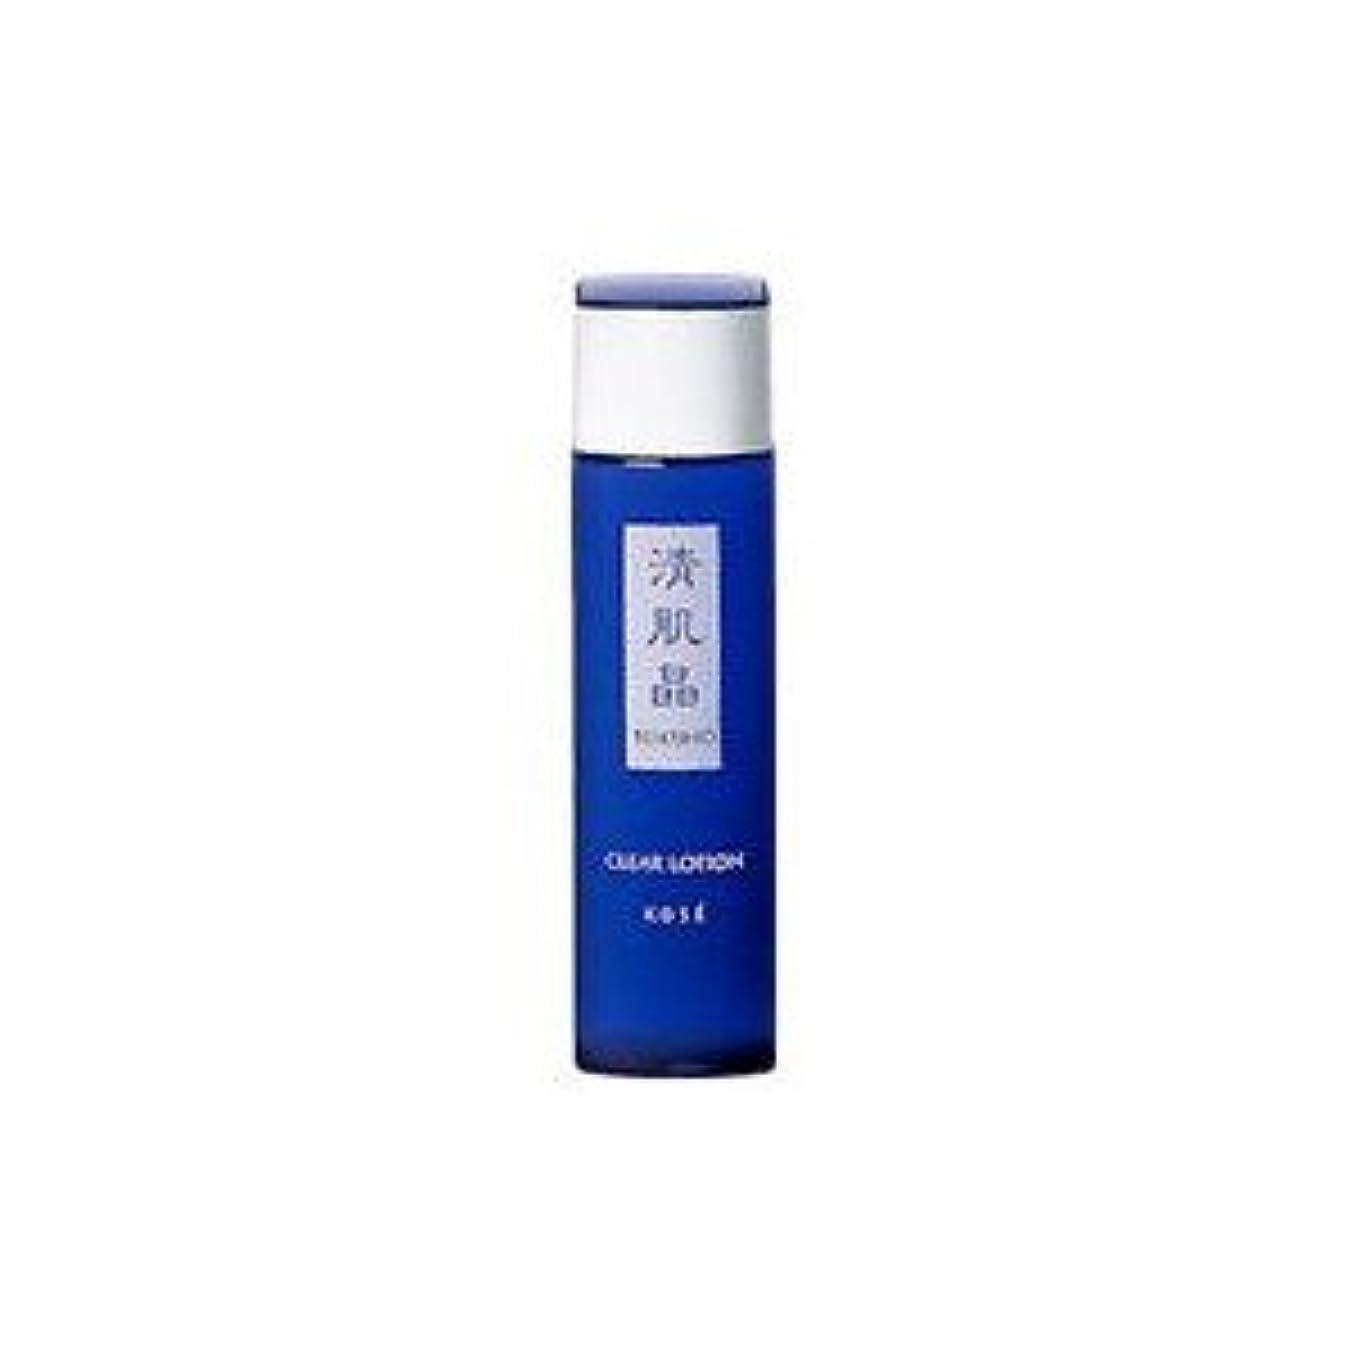 運命的な毎週理容師コーセー 清肌晶 クリア ローション 150ml 化粧水 アウトレット